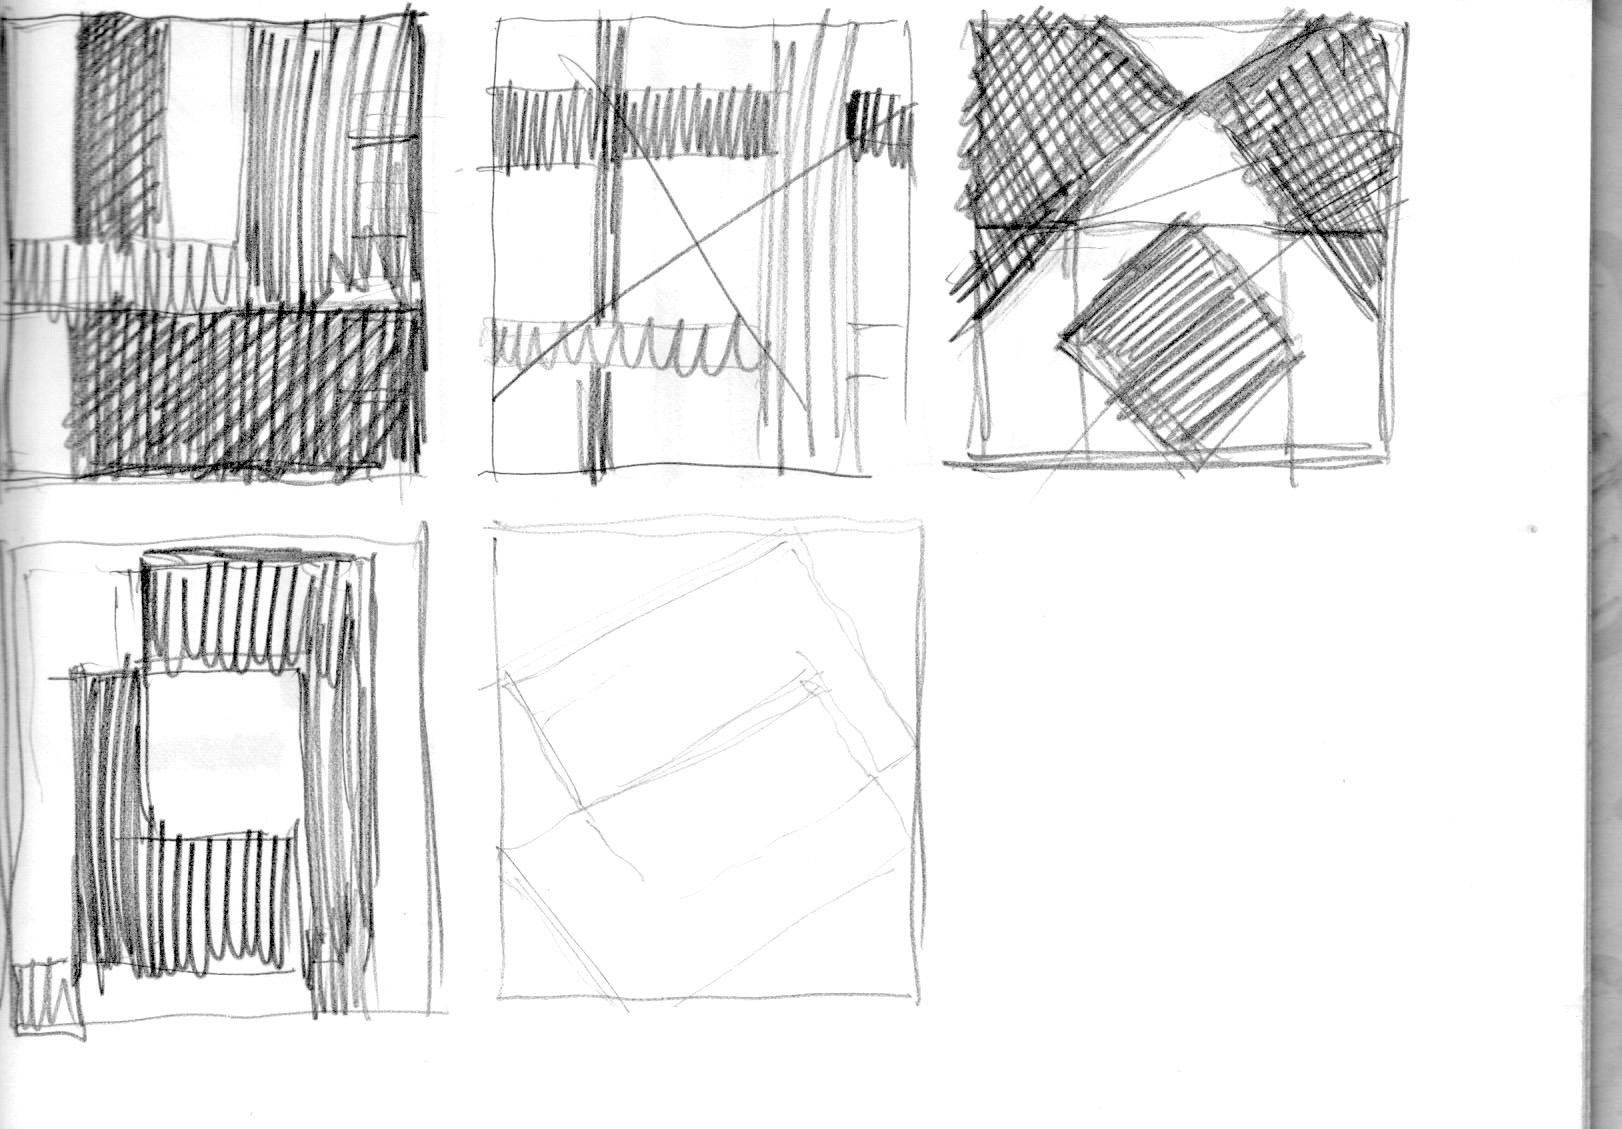 Entwurf Formen ca. 1981